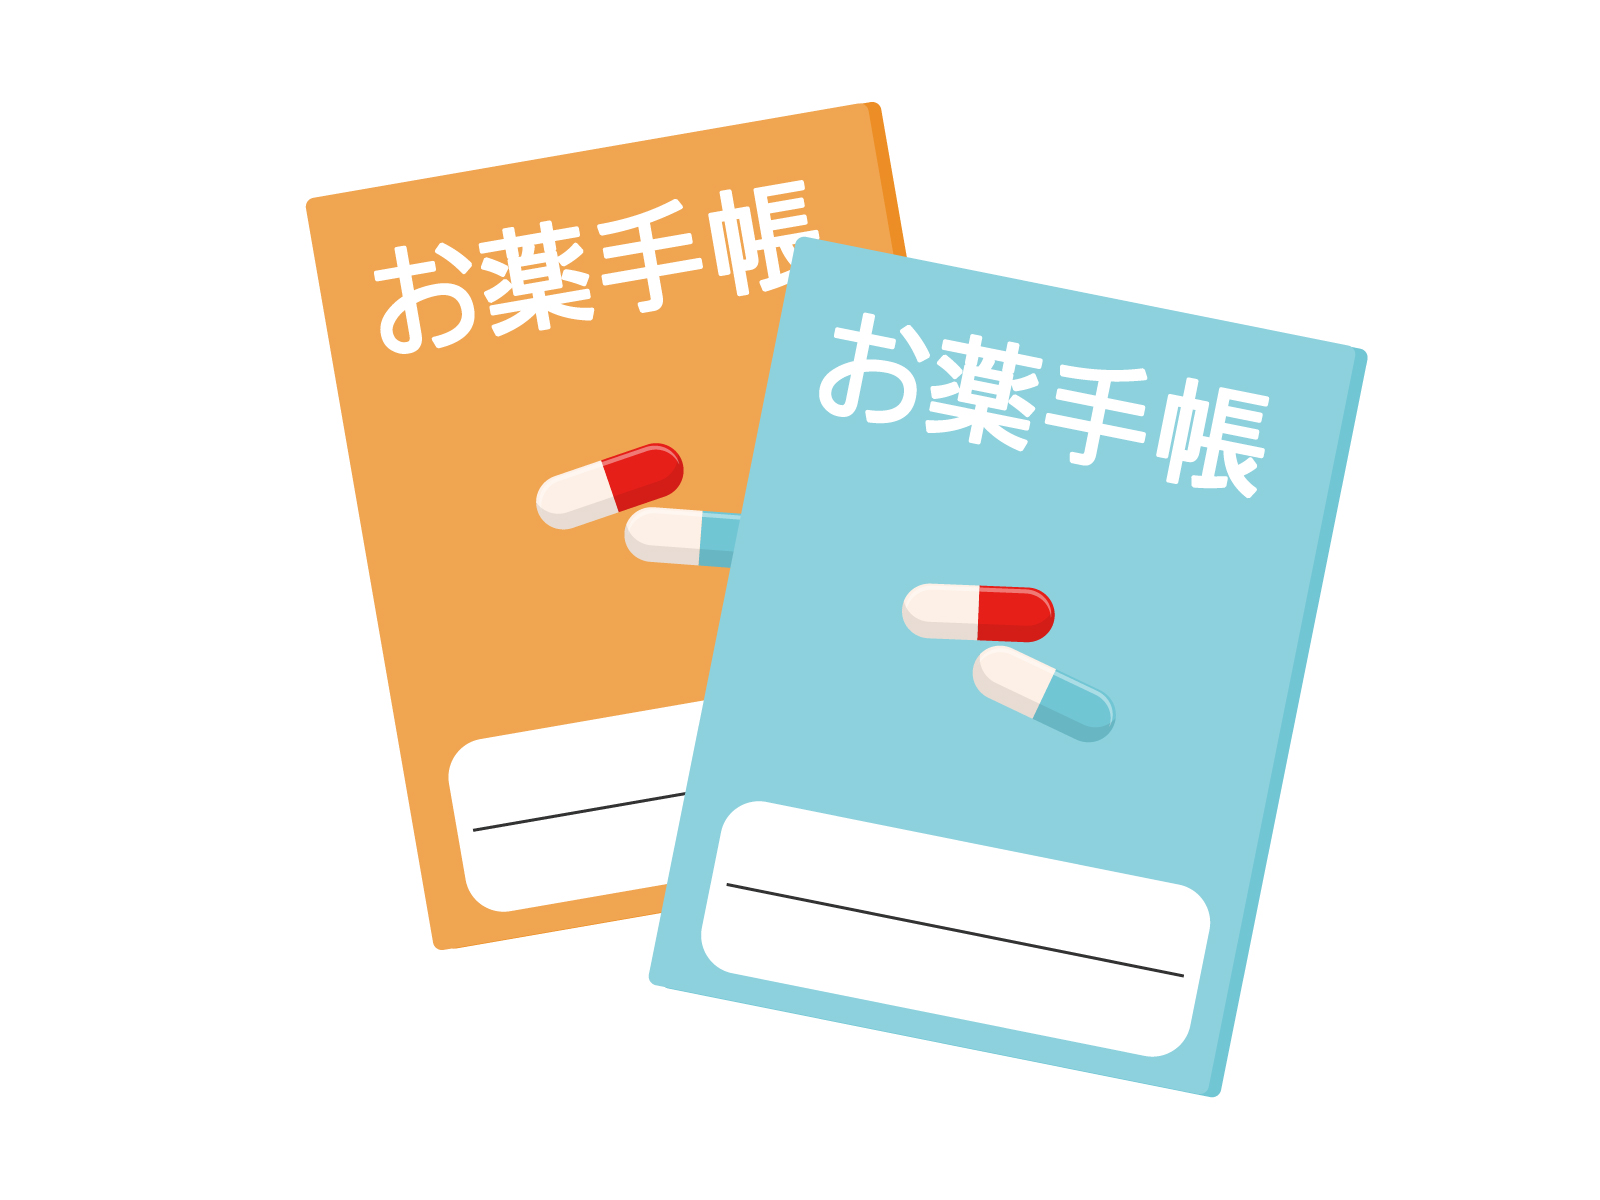 厚生労働省、2015年度内に電子お薬手帳の「標準仕様」を構築